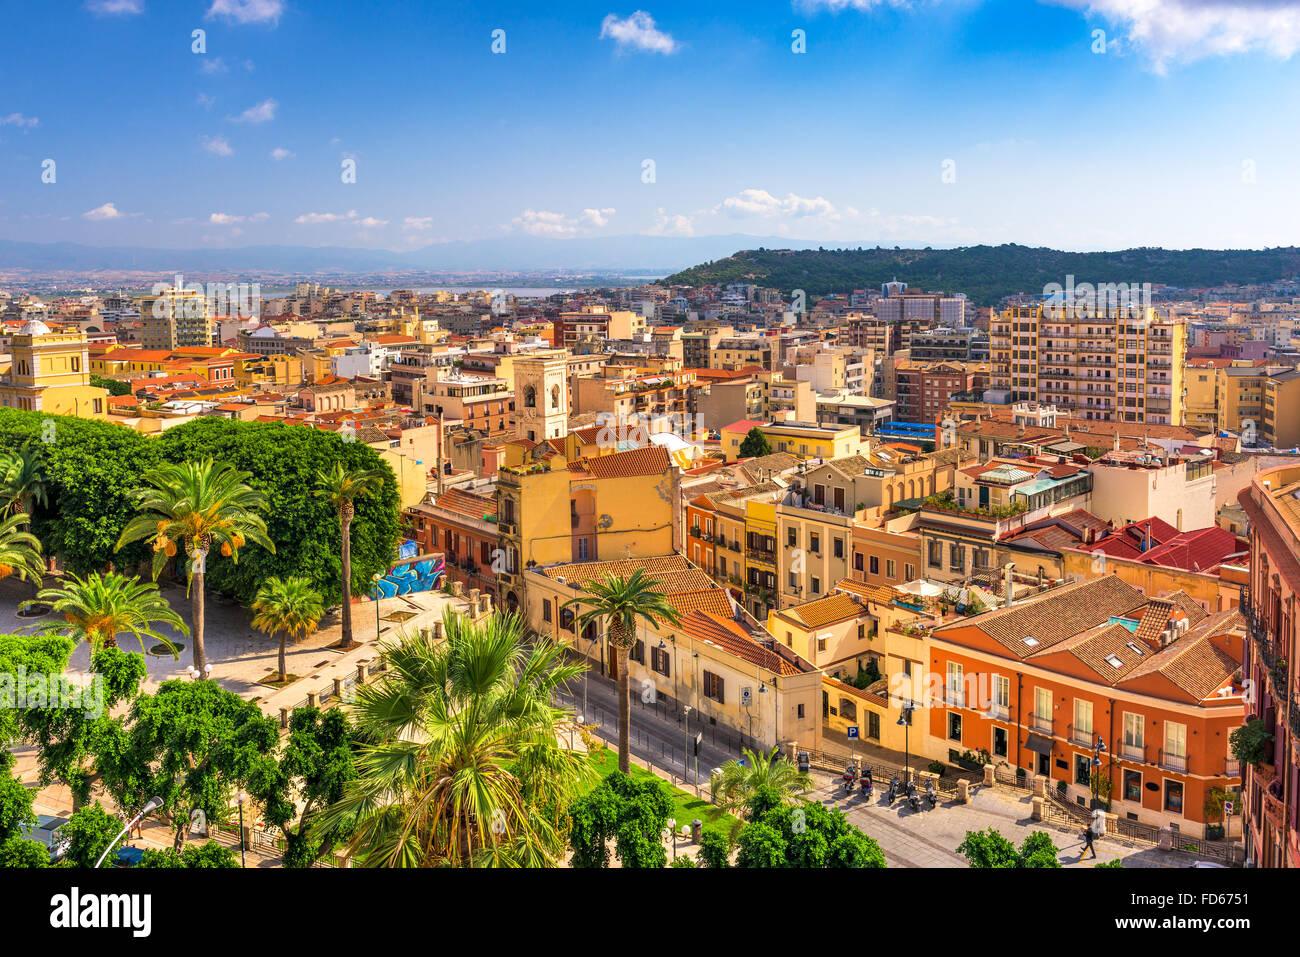 Cagliari, Sardinien, Italien Stadtbild. Stockbild